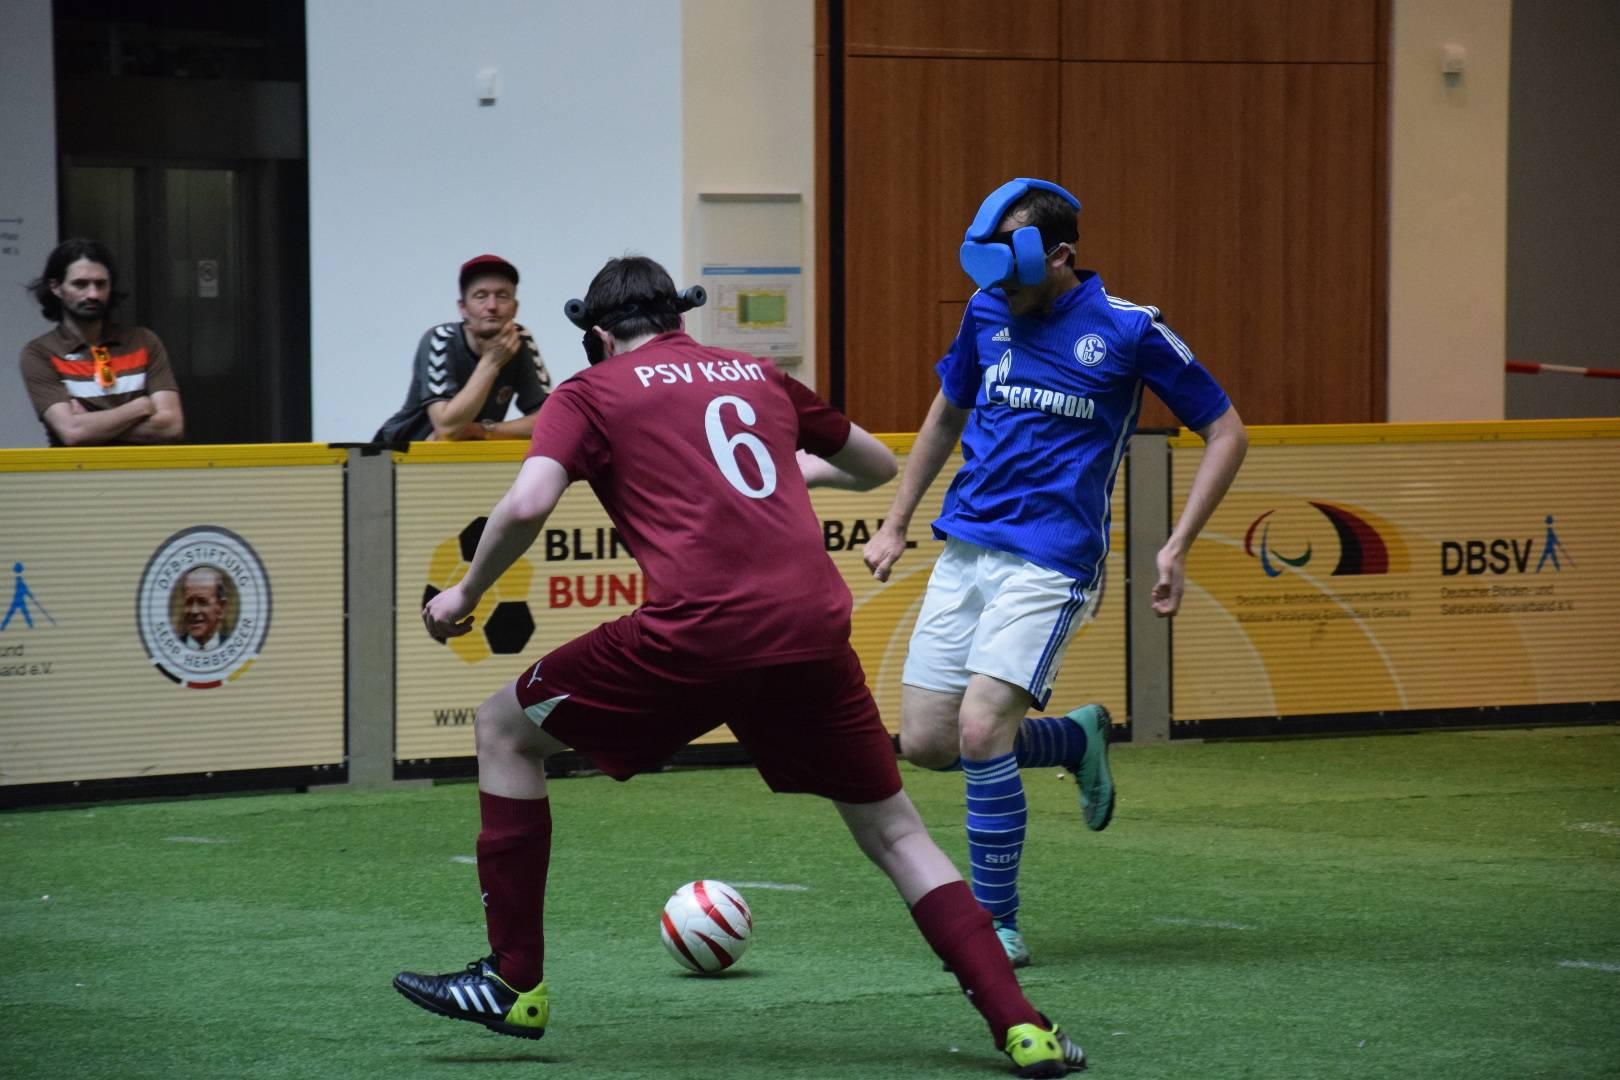 Ein Kölner Spieler versucht den Angriff seines Schalker Gegenspielers zu stoppen